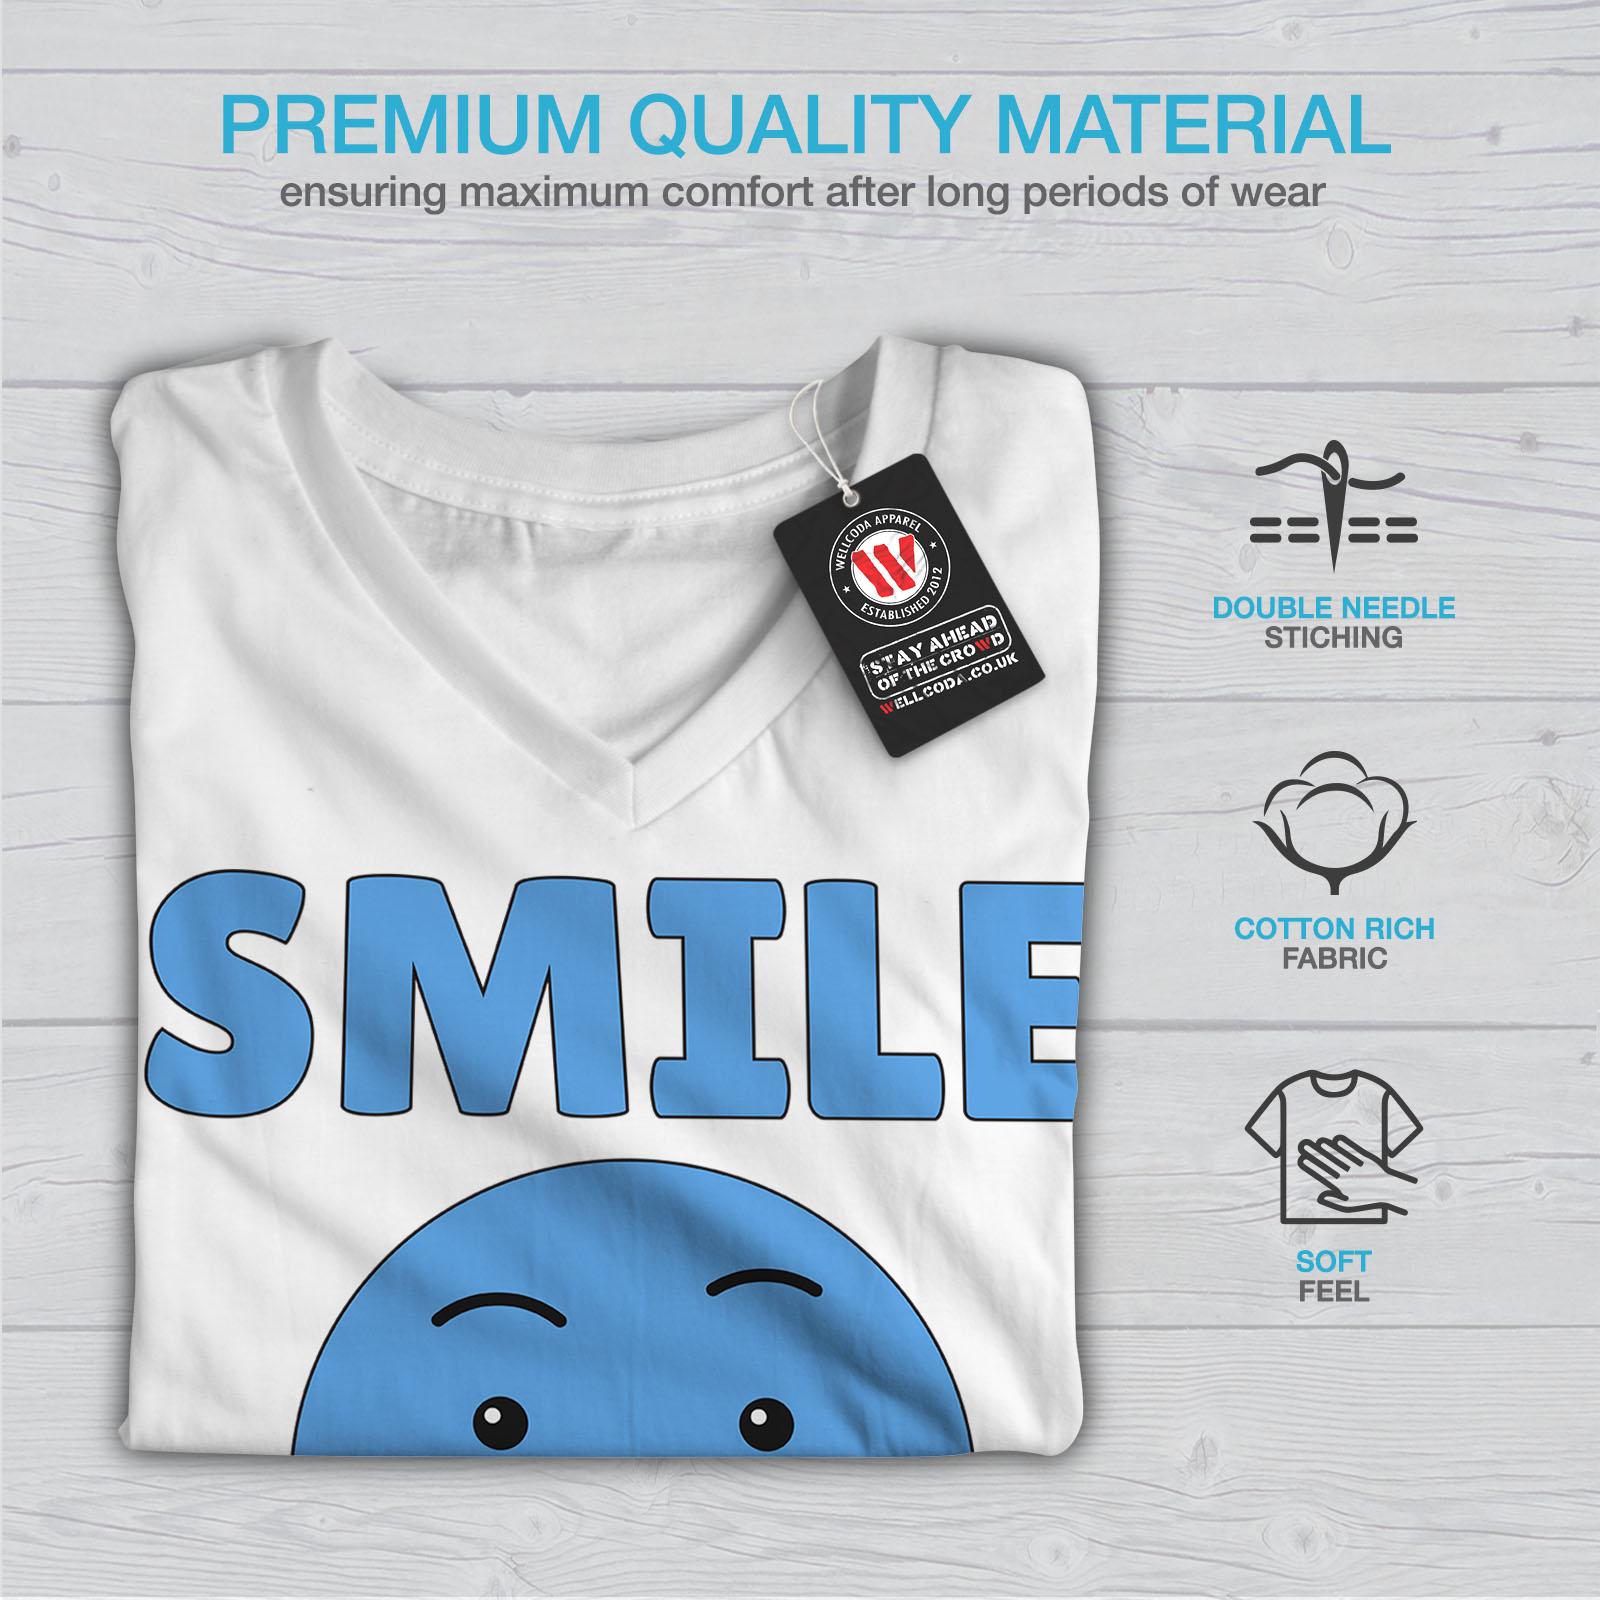 Wellcoda-Laecheln-Feinde-Angry-Damen-V-Ausschnitt-T-Shirt-Kampf-Grafikdesign-Tee Indexbild 9